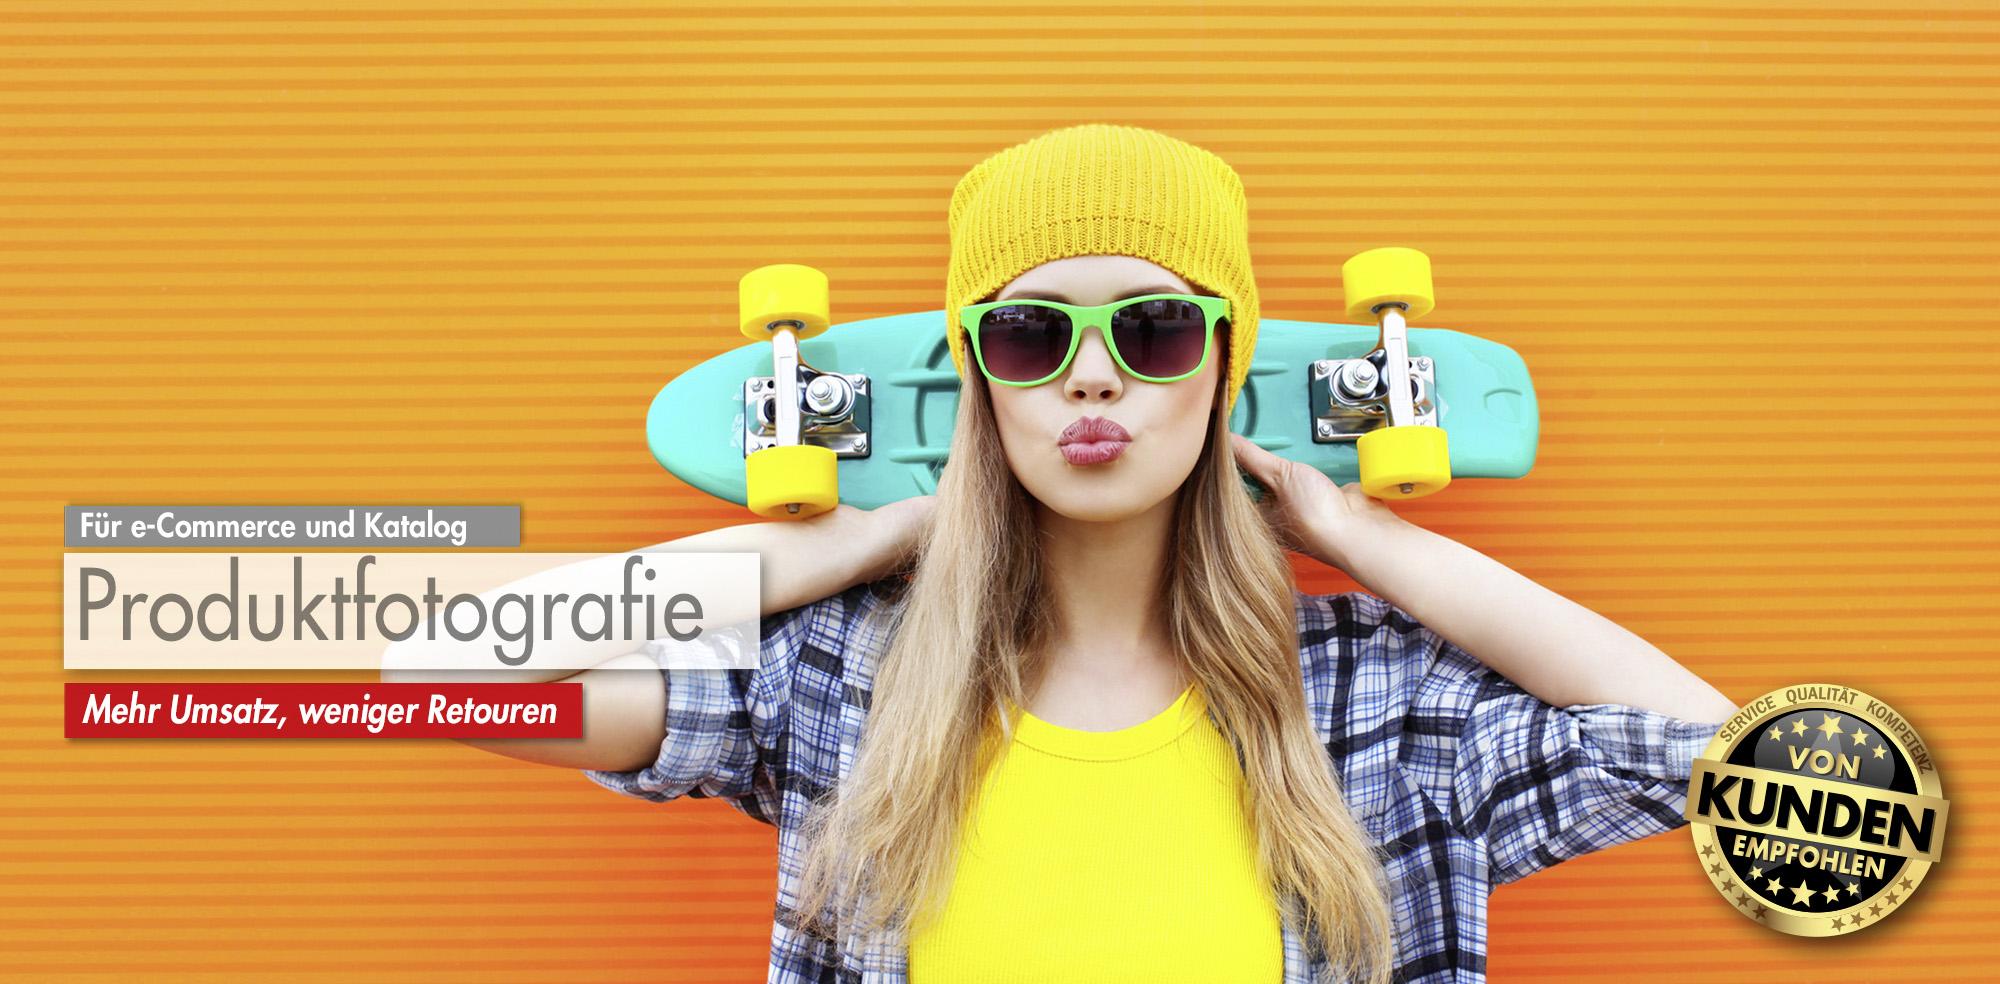 Produktfotografie und Werbefotografie @ BlickFang2 Fotostudio, Filmstudio in Weinheim und Andernach, Fotograf